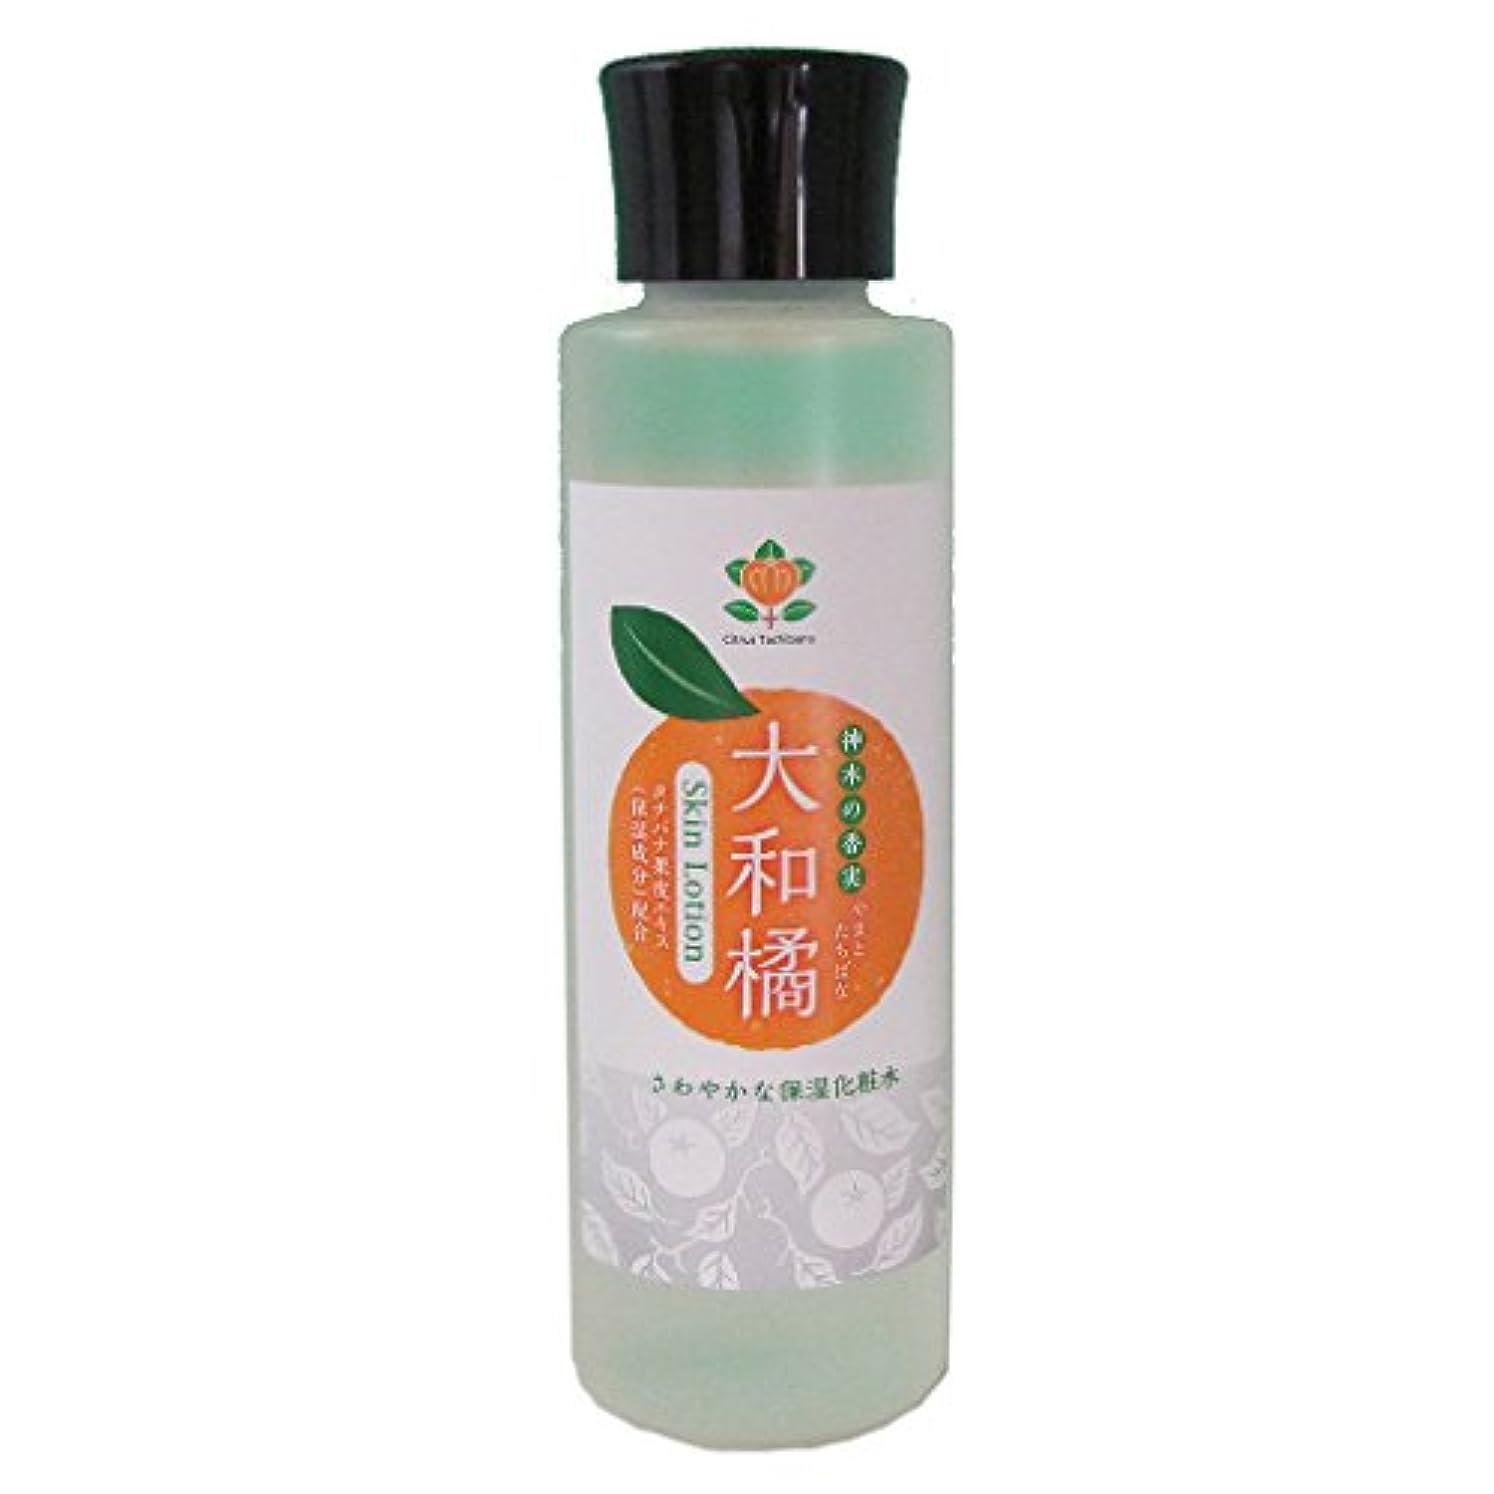 法律アッパーレーニン主義神木の果実 大和橘さわやか保湿化粧水 150ml